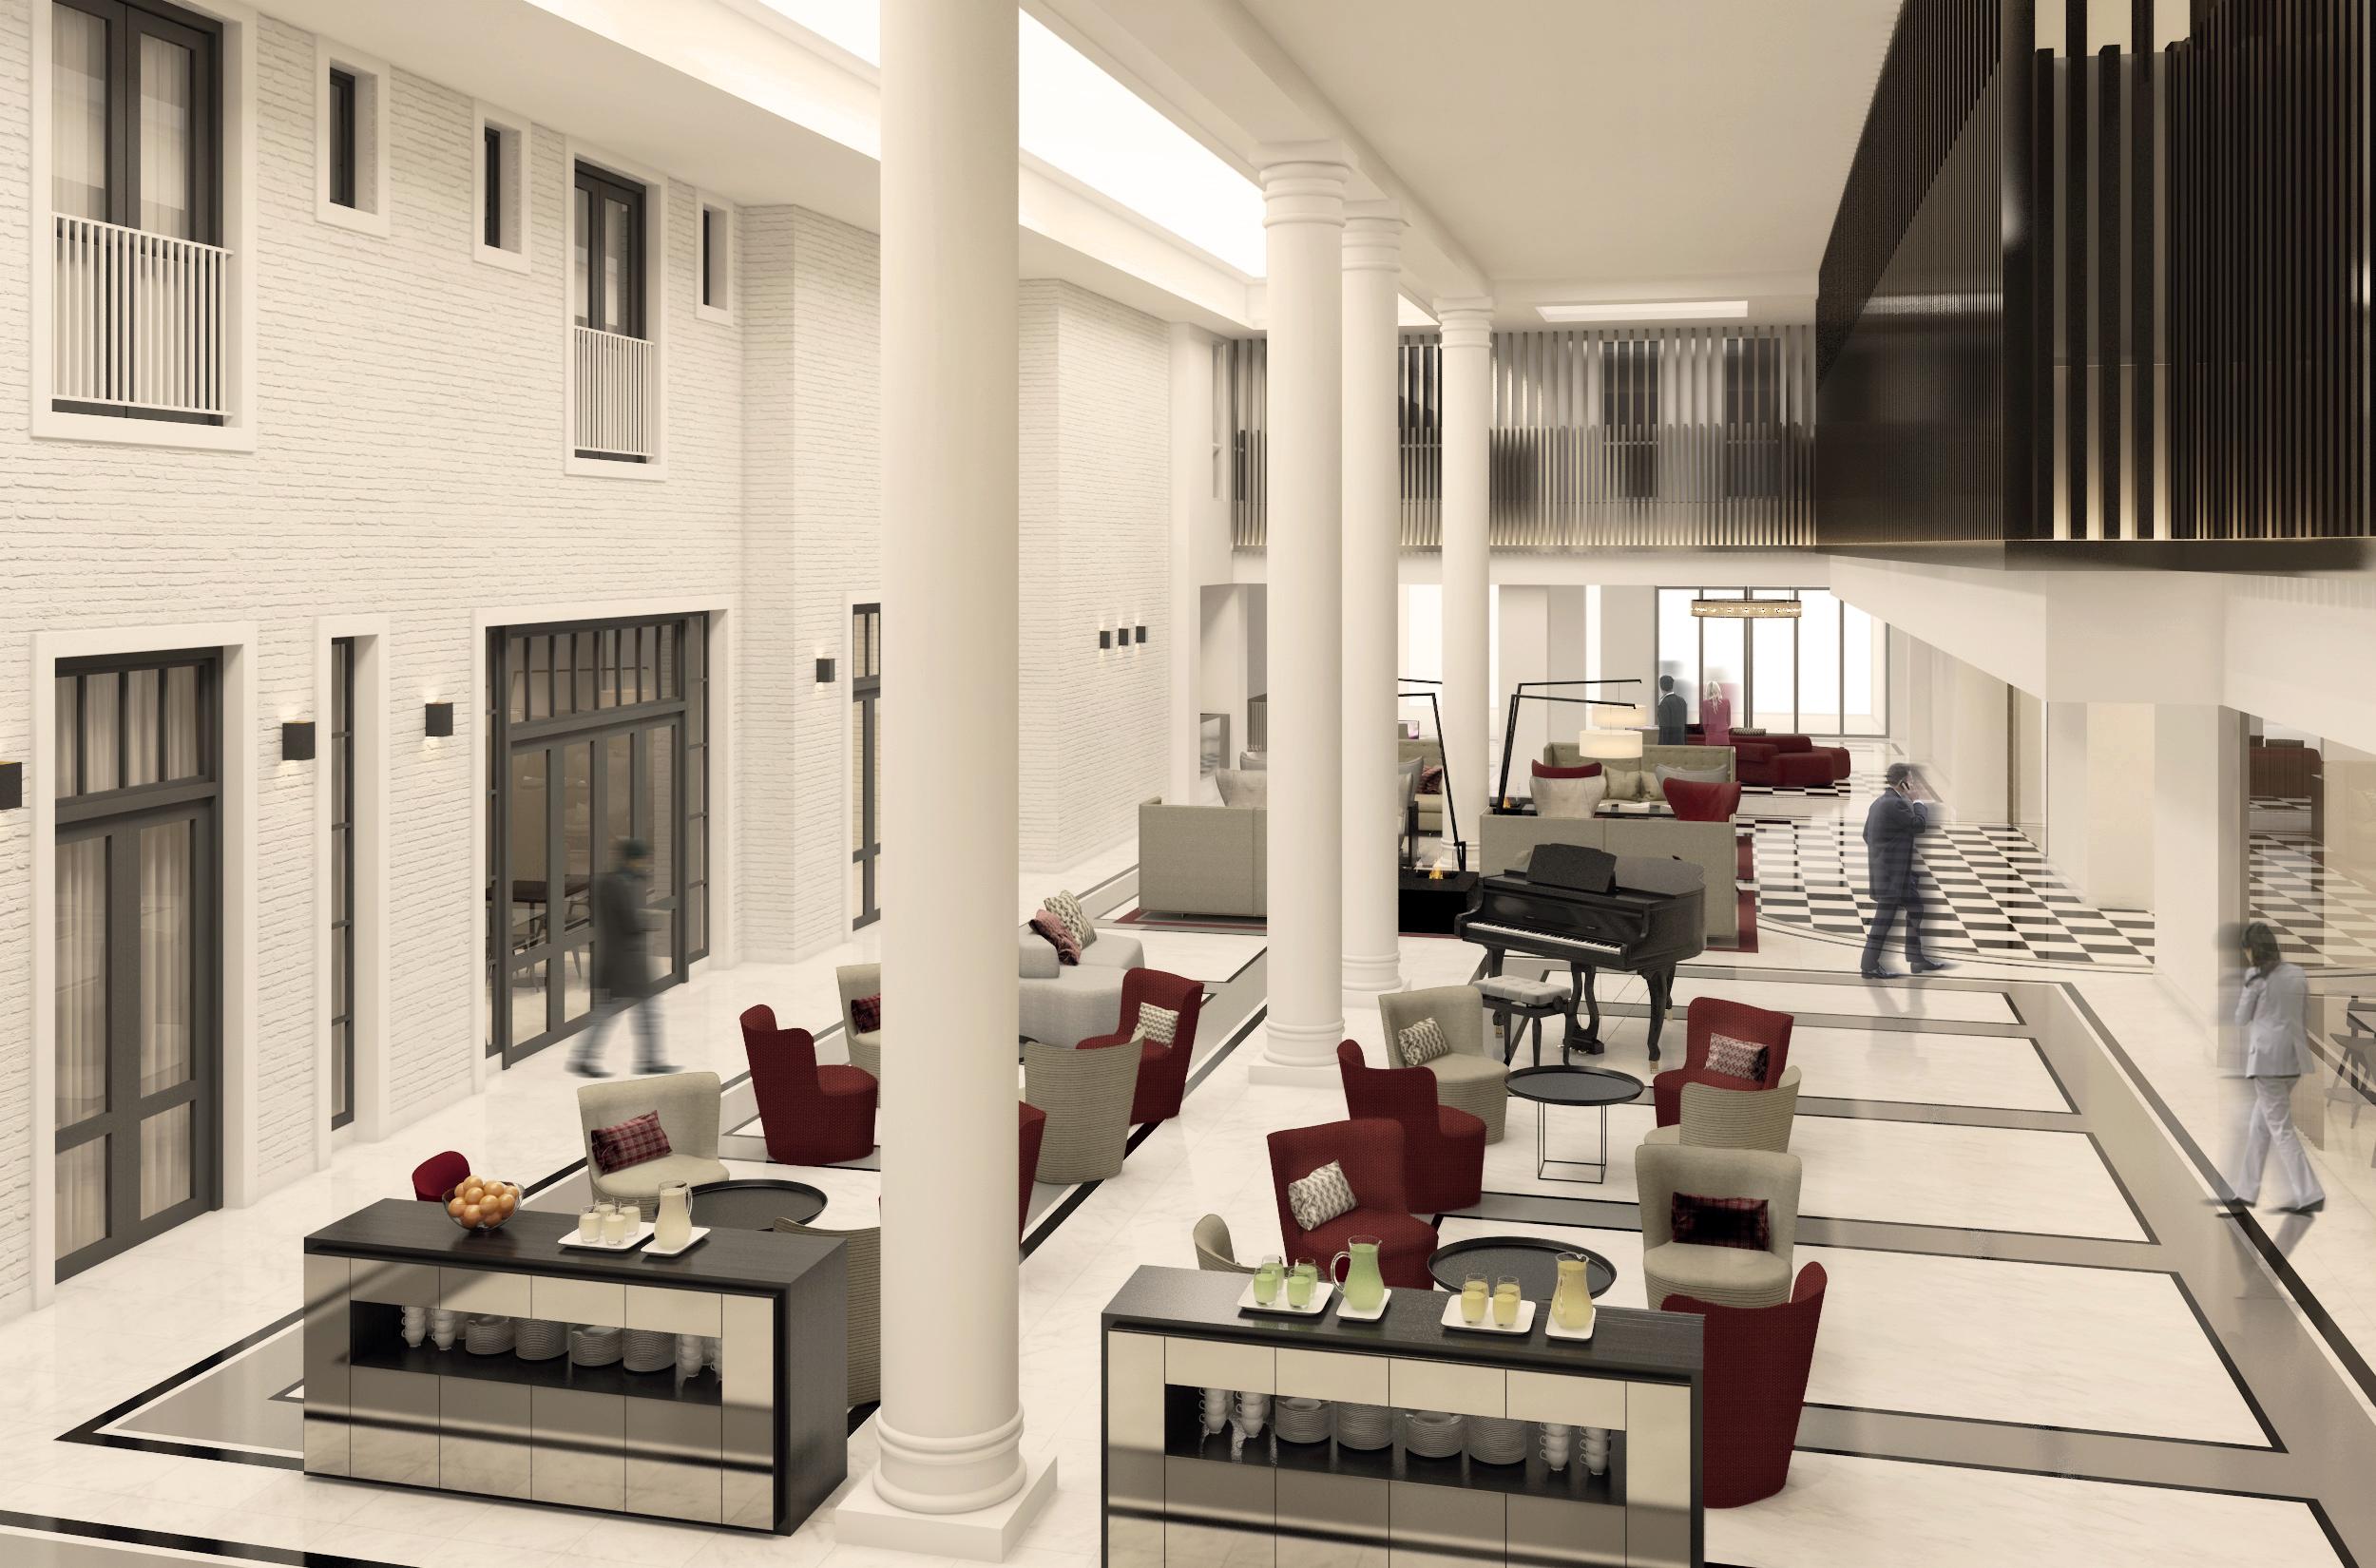 202941-NHC Barbizon Palace - Render lobby (3)-690bea-original-1459965818